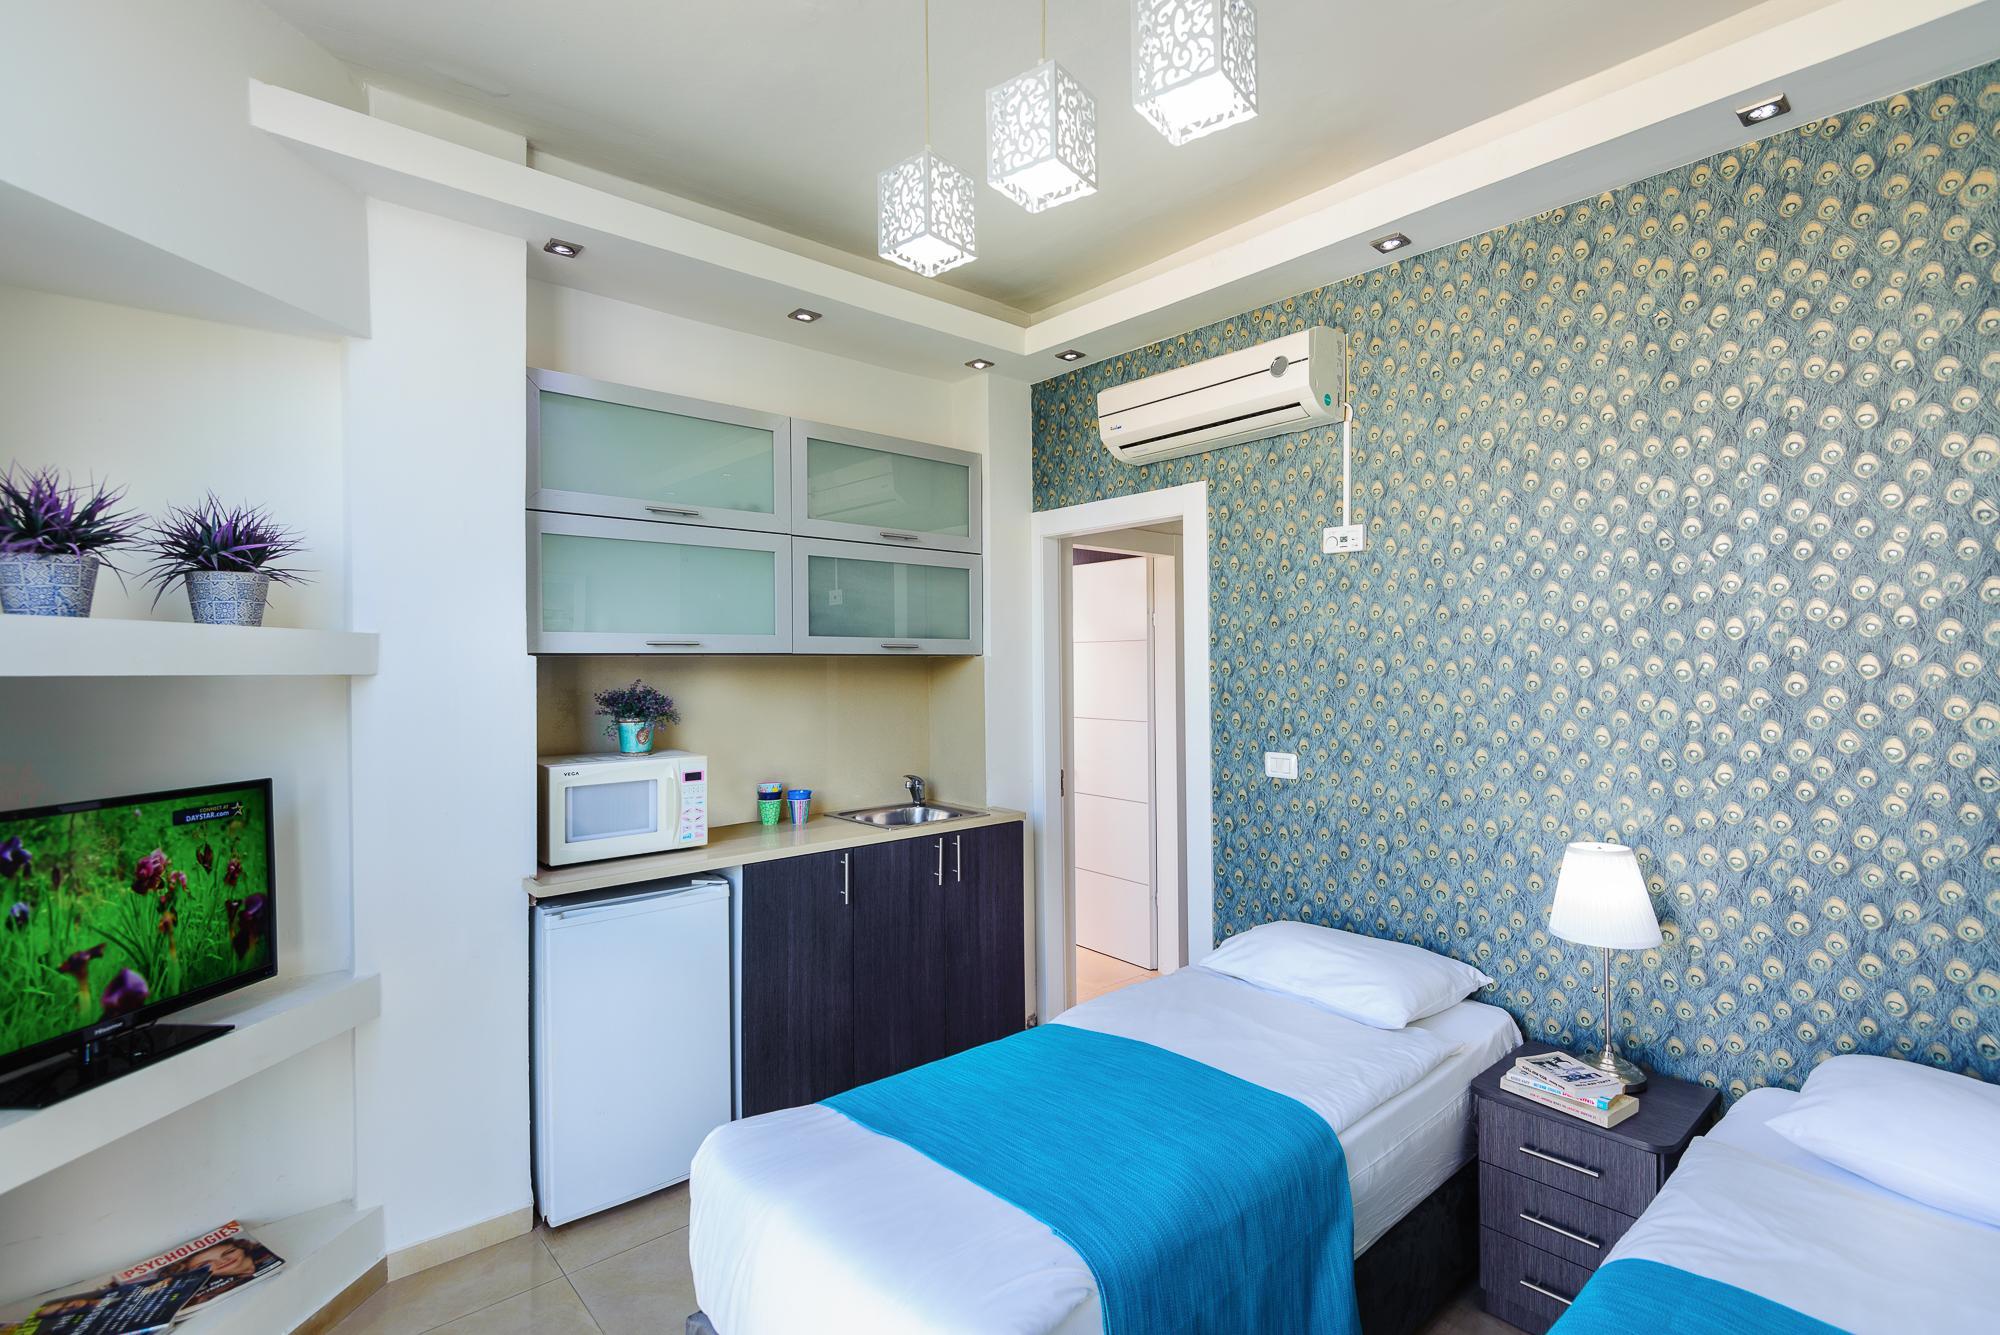 מתוחכם גורדון אין תל אביב (Gordon Inn & Suites) המחיר הזול ביותר   Agoda.com MV-11